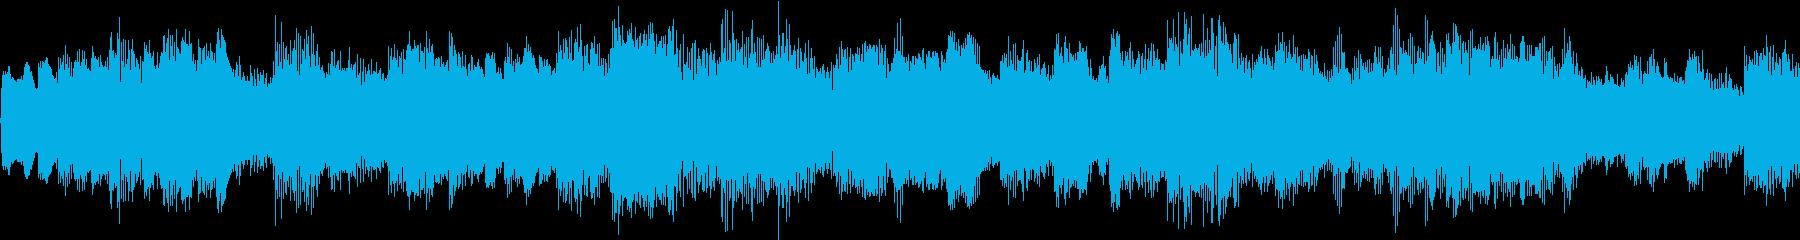 アコーステック 感情的 希望的 ク...の再生済みの波形